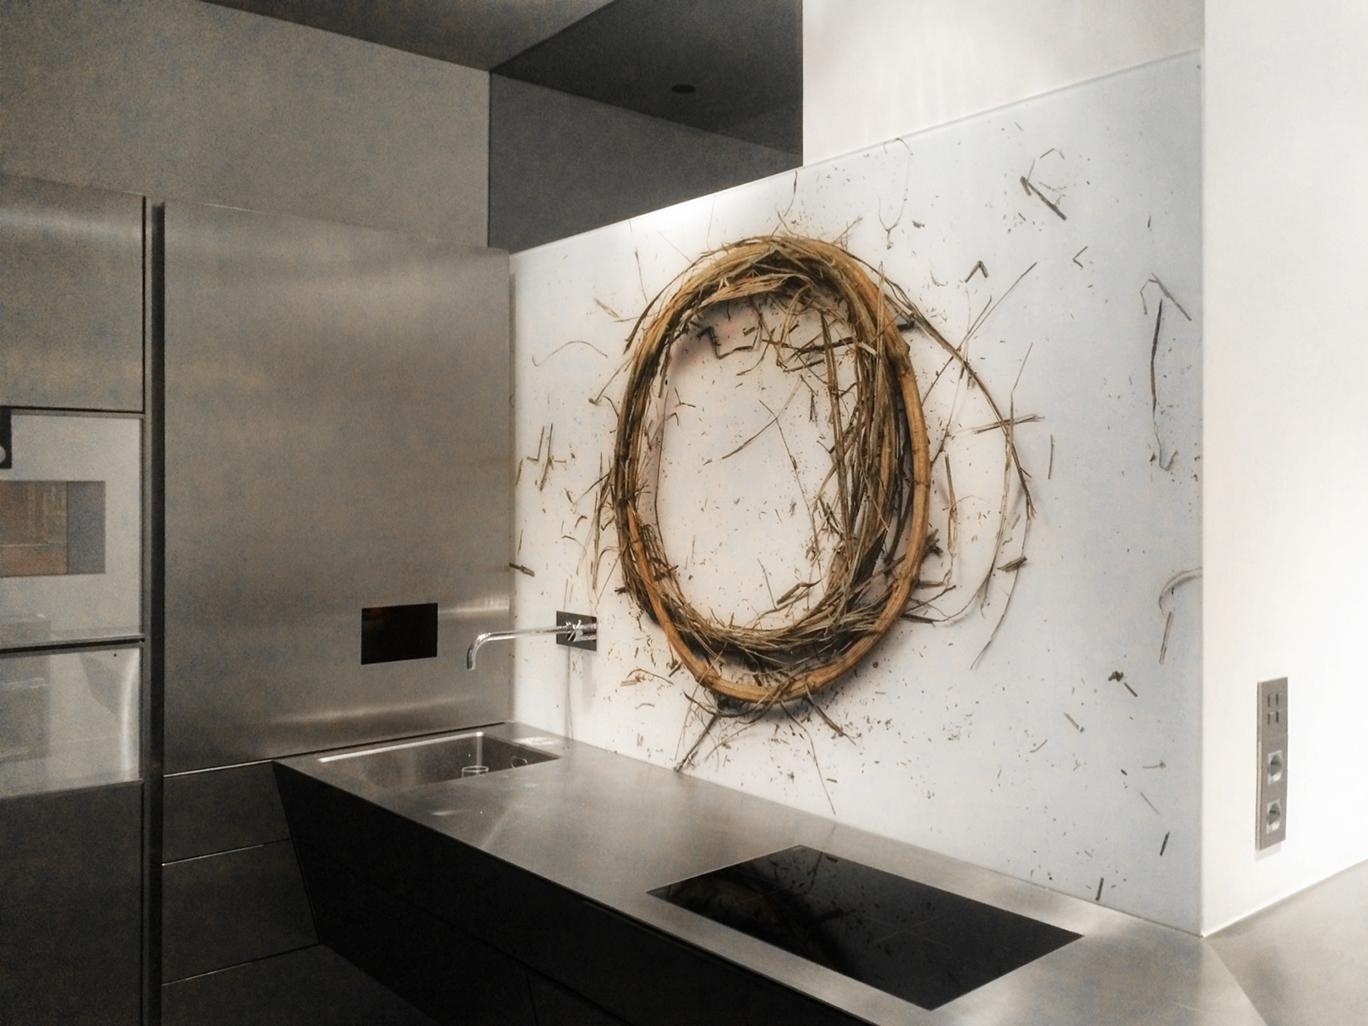 alter ego pol design berlin dieter huber bildende kunst contemporary art. Black Bedroom Furniture Sets. Home Design Ideas